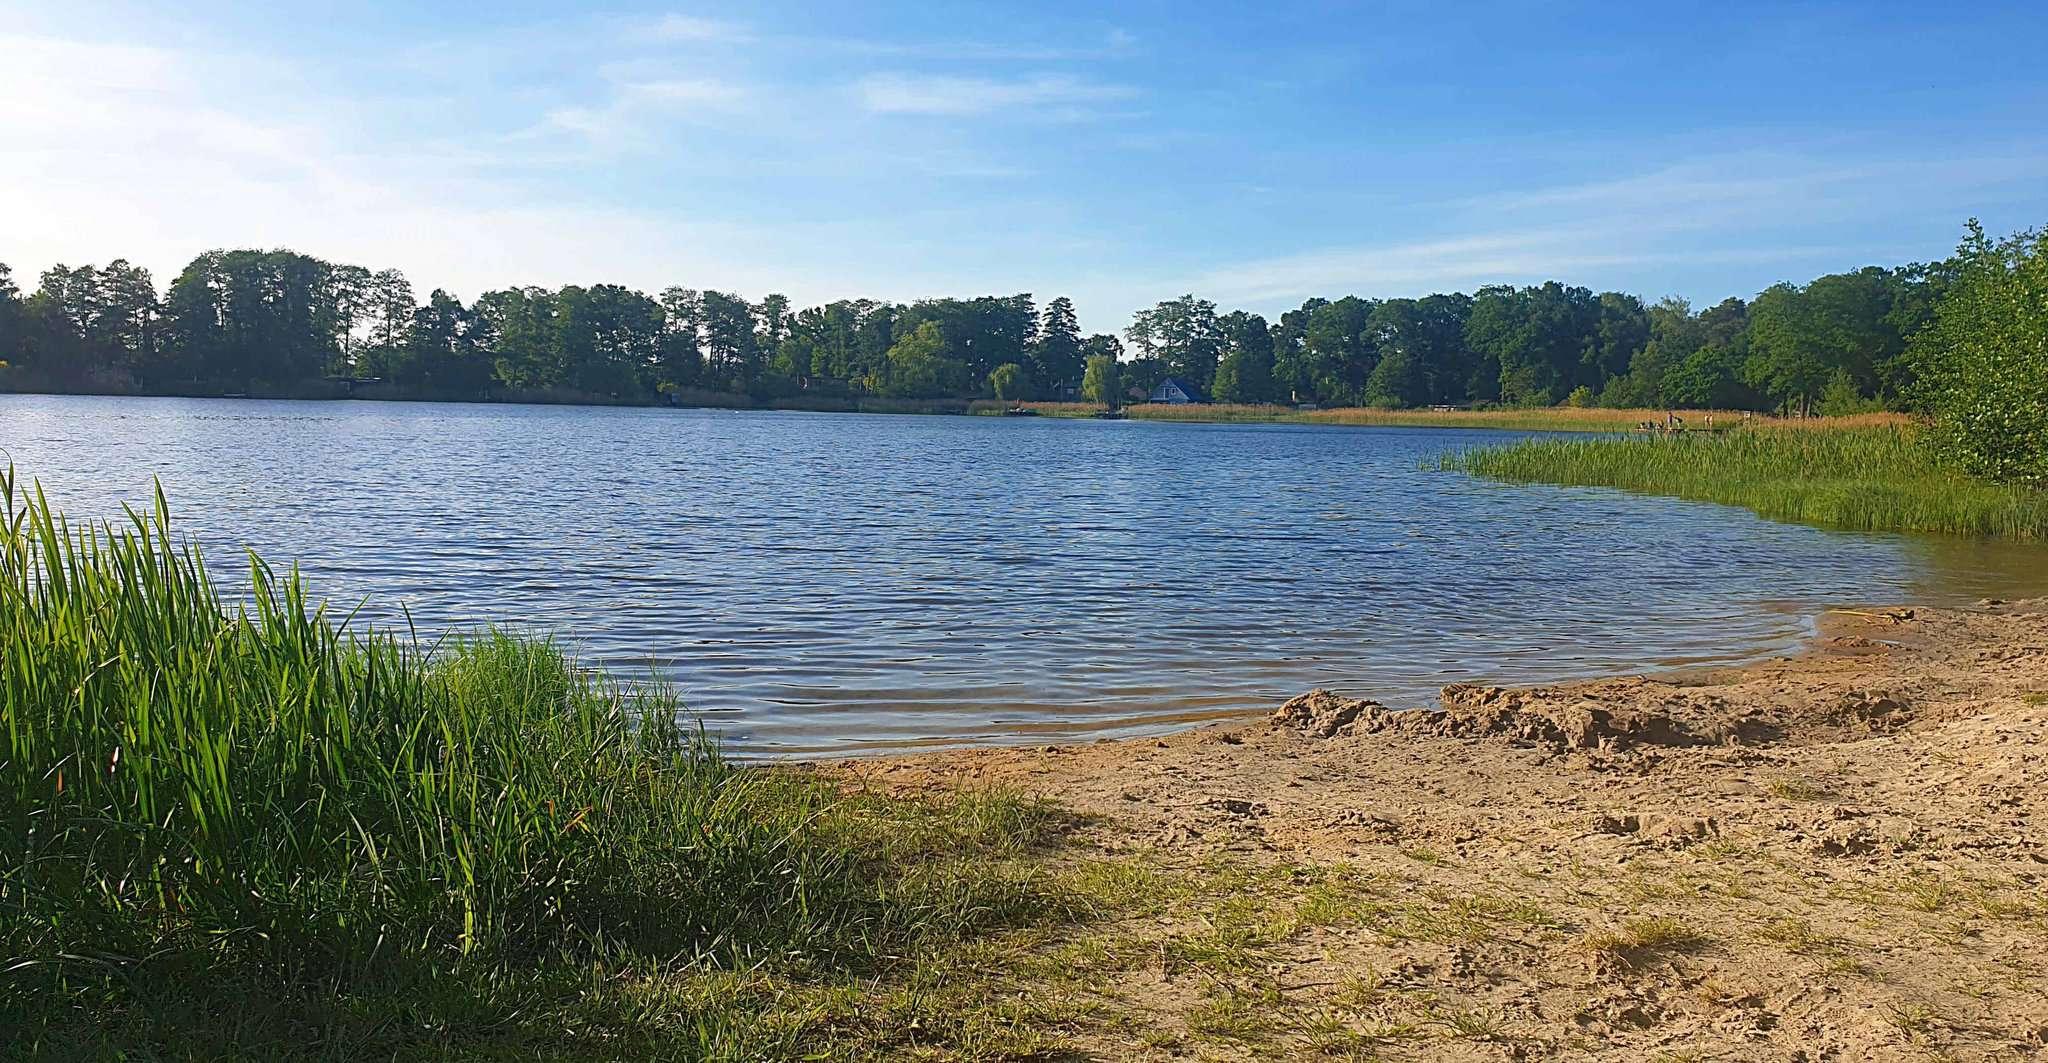 Aktuell kann im Otterstedter See gebadet werden. Die Blaualgen verhalten sich